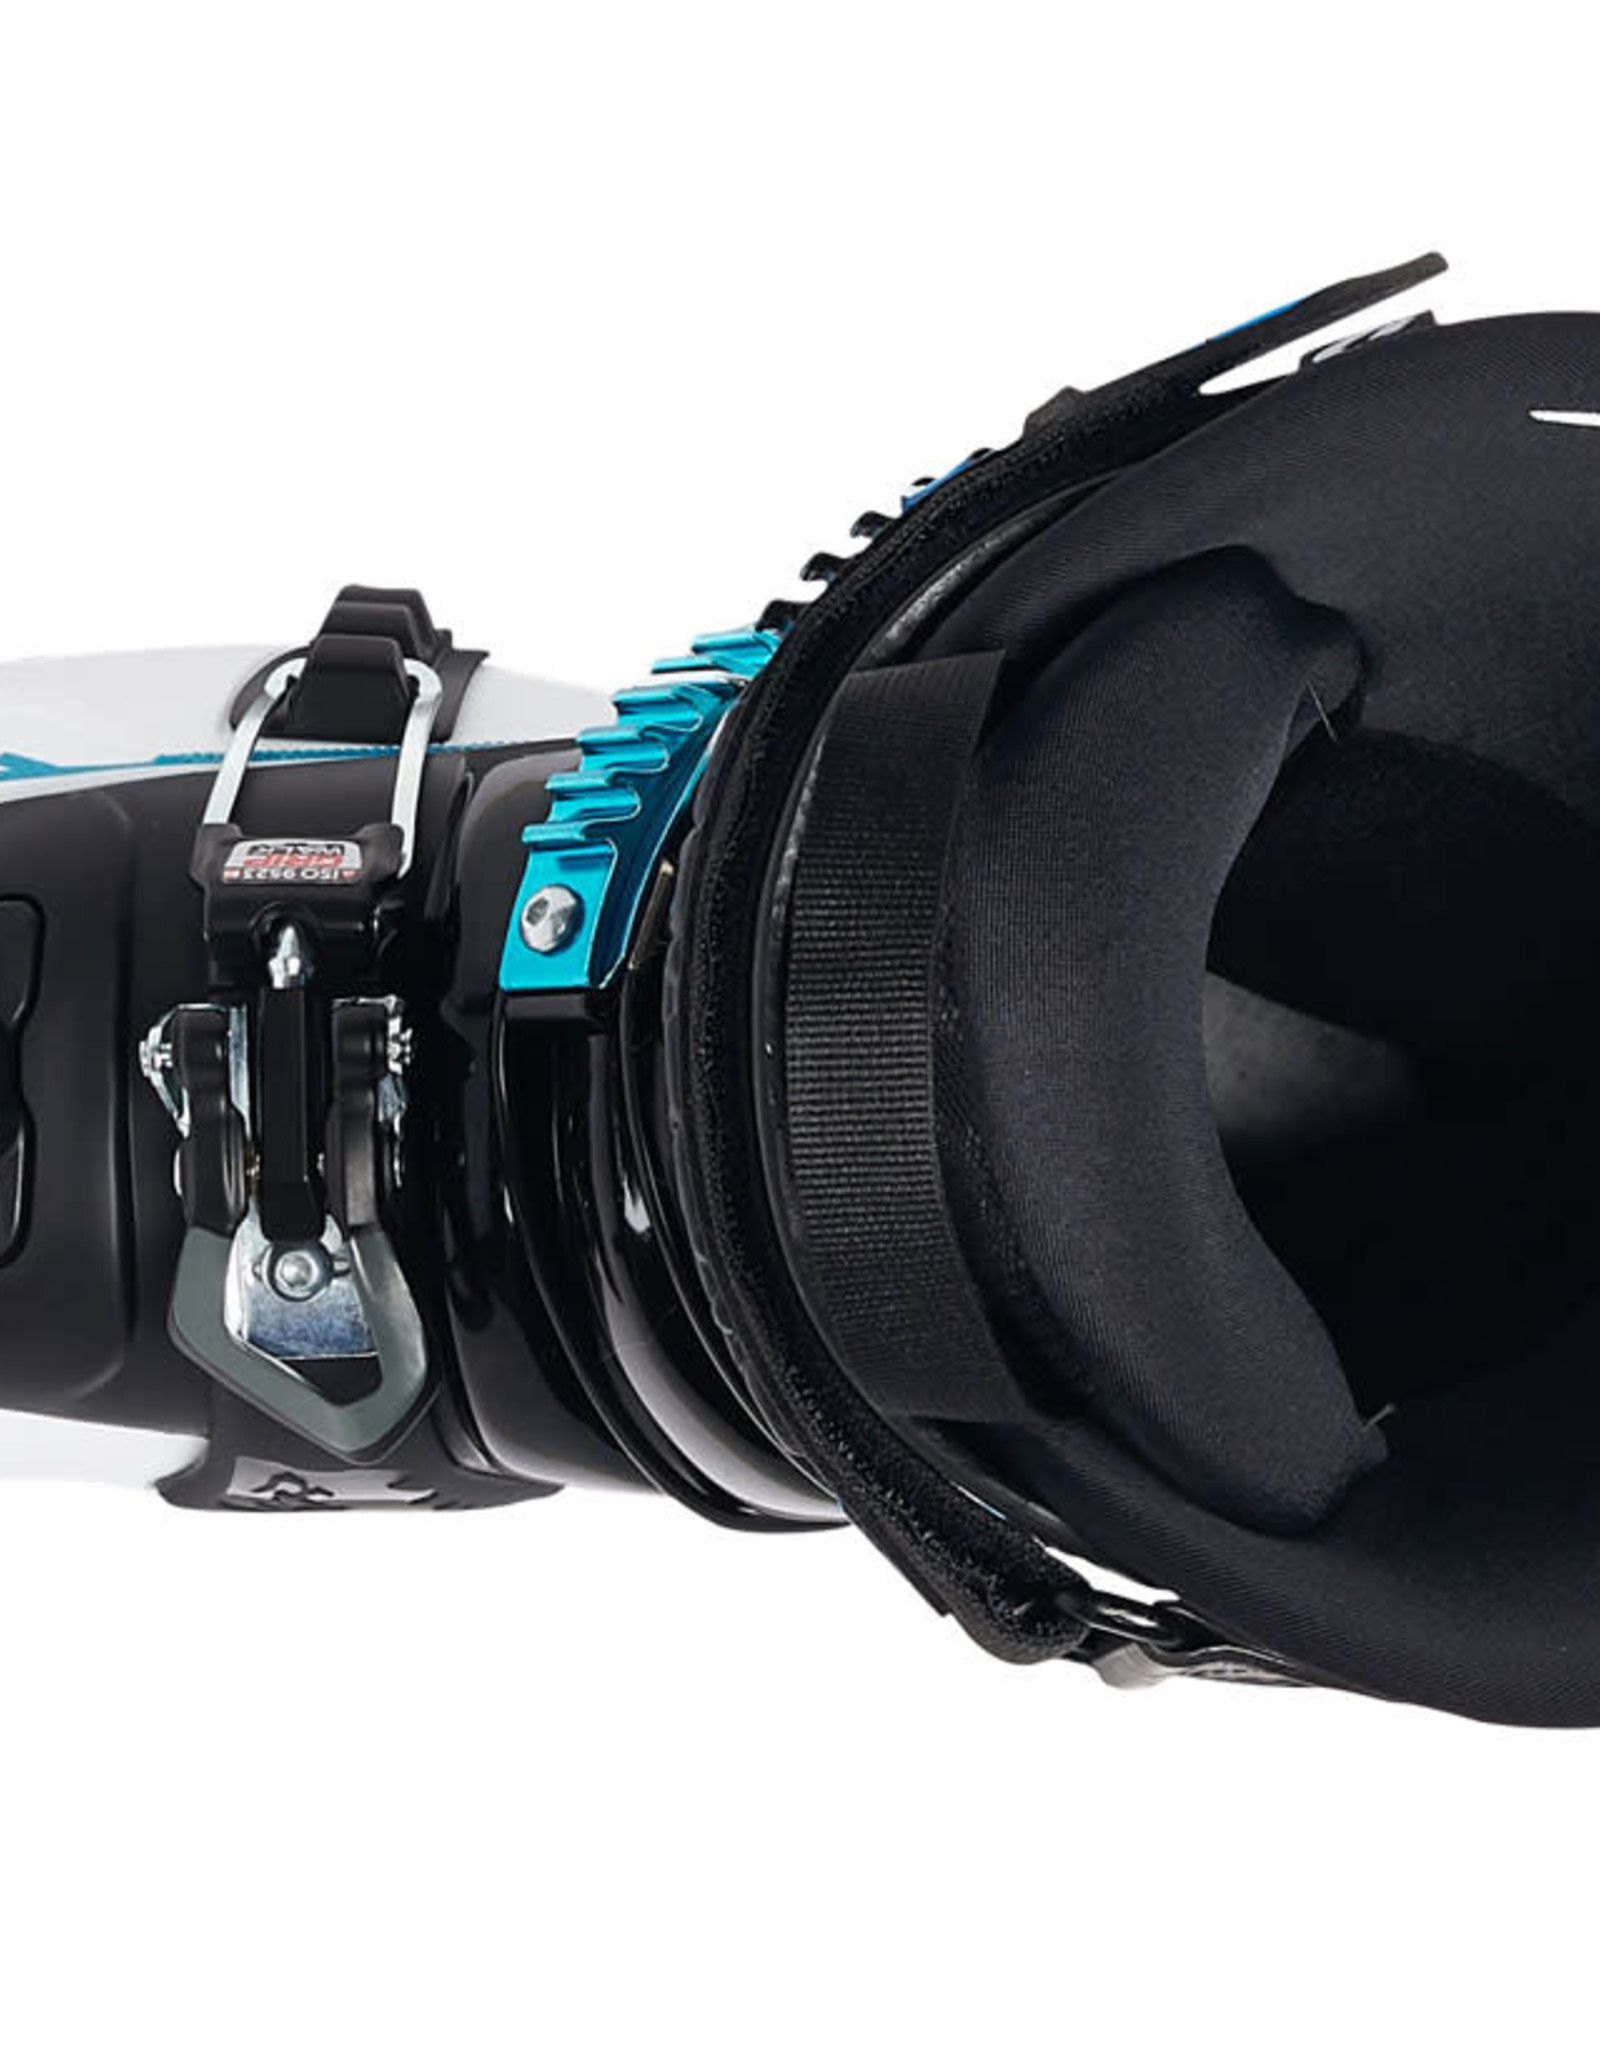 DALBELLO LUPO AX 105 W LS